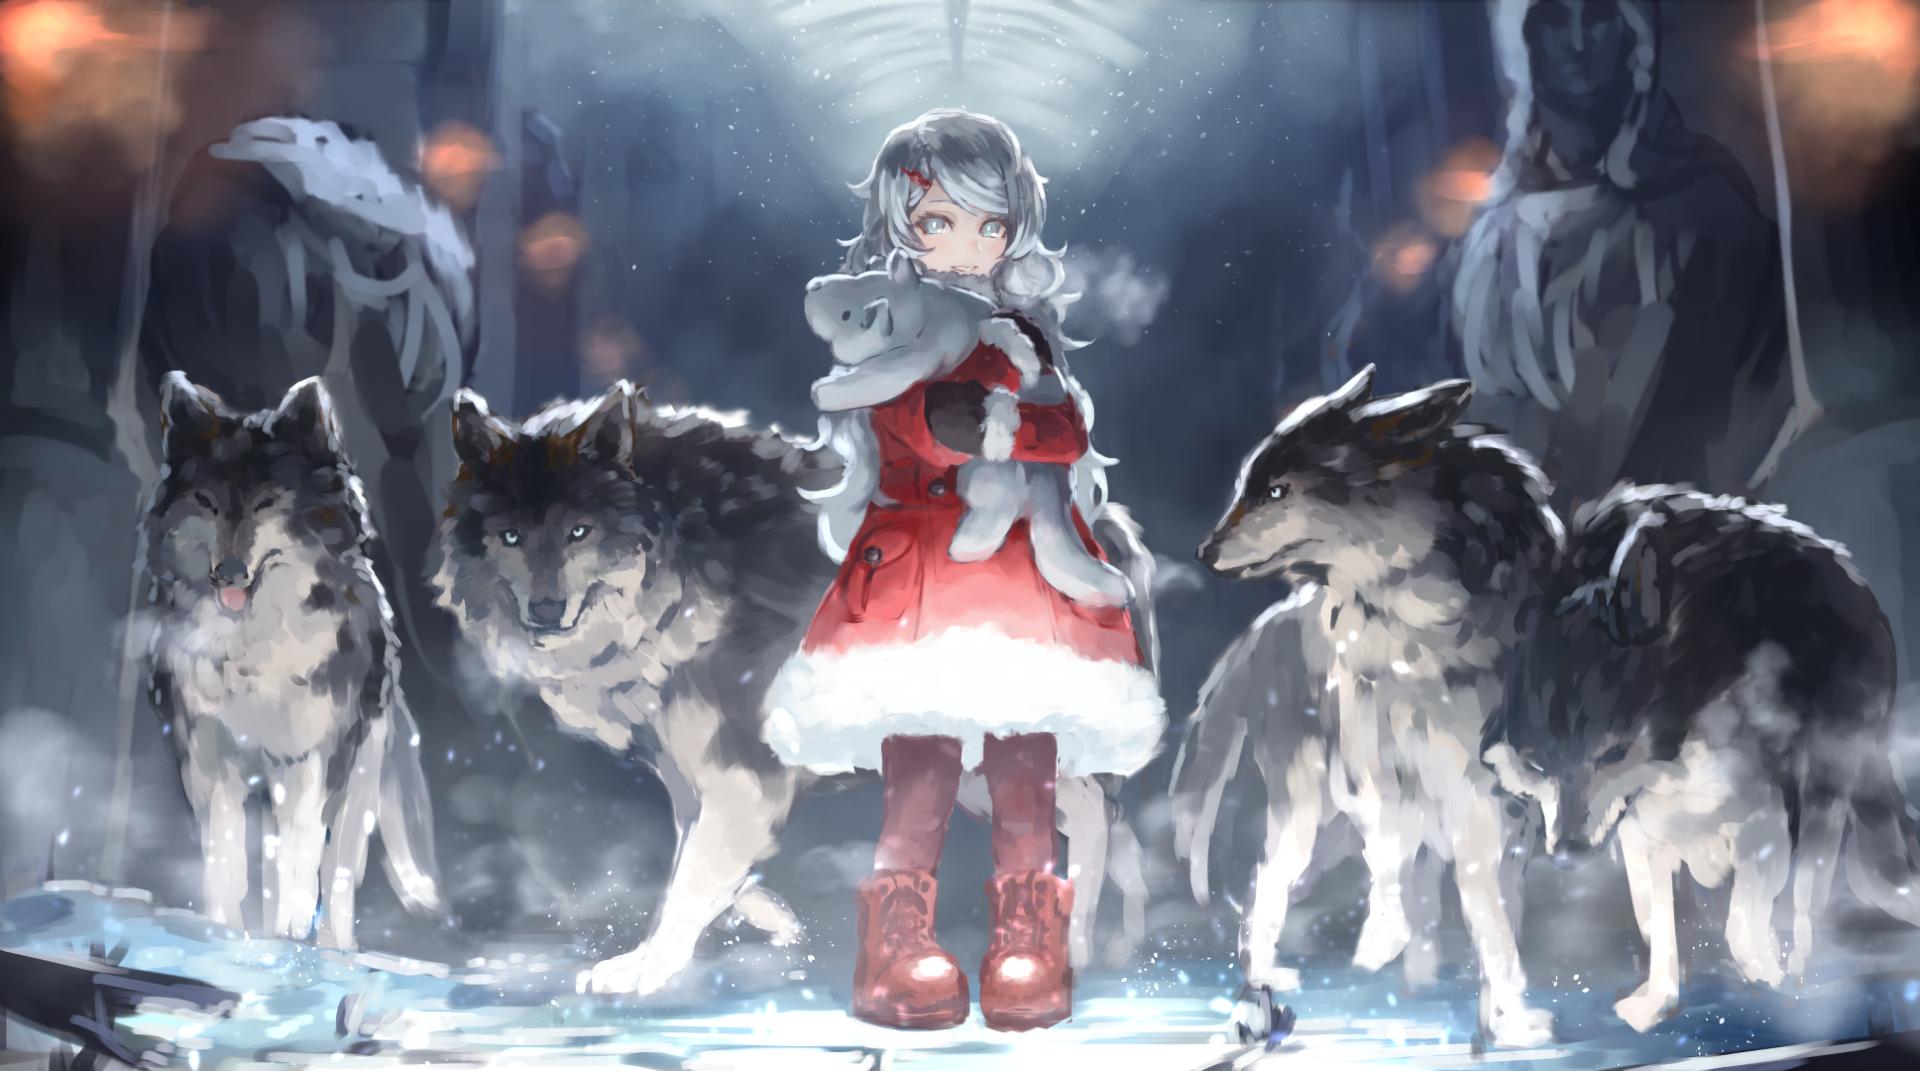 动漫 - 原创  Coat 毛绒玩具 Grey Hair Aqua Eyes Snow 冬季 动物 女孩 狼 壁纸